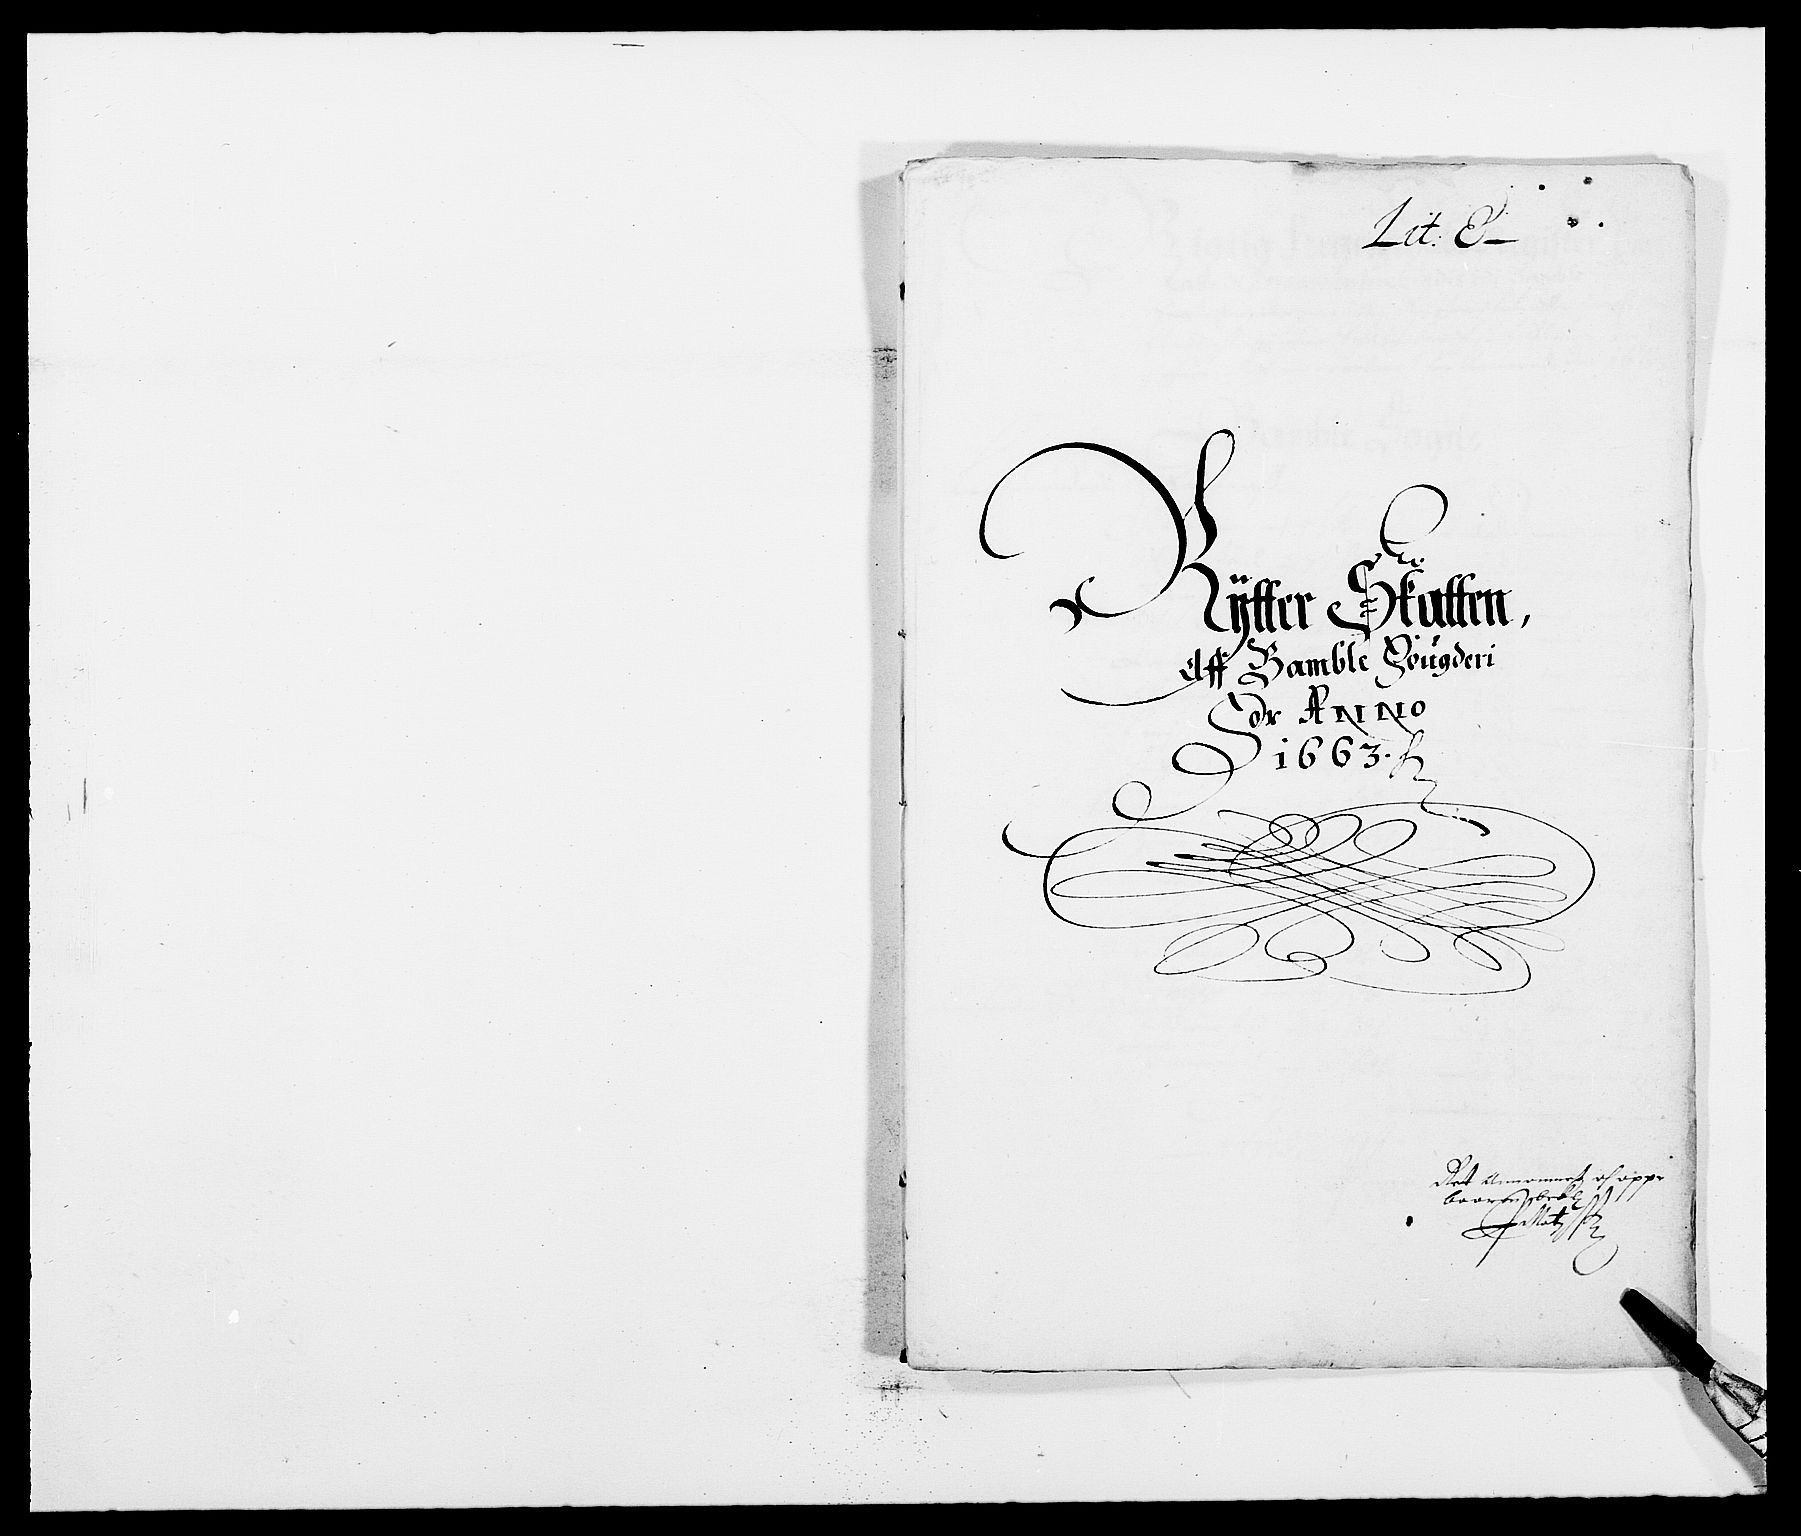 RA, Rentekammeret inntil 1814, Reviderte regnskaper, Fogderegnskap, R34/L2037: Fogderegnskap Bamble, 1662-1669, s. 222